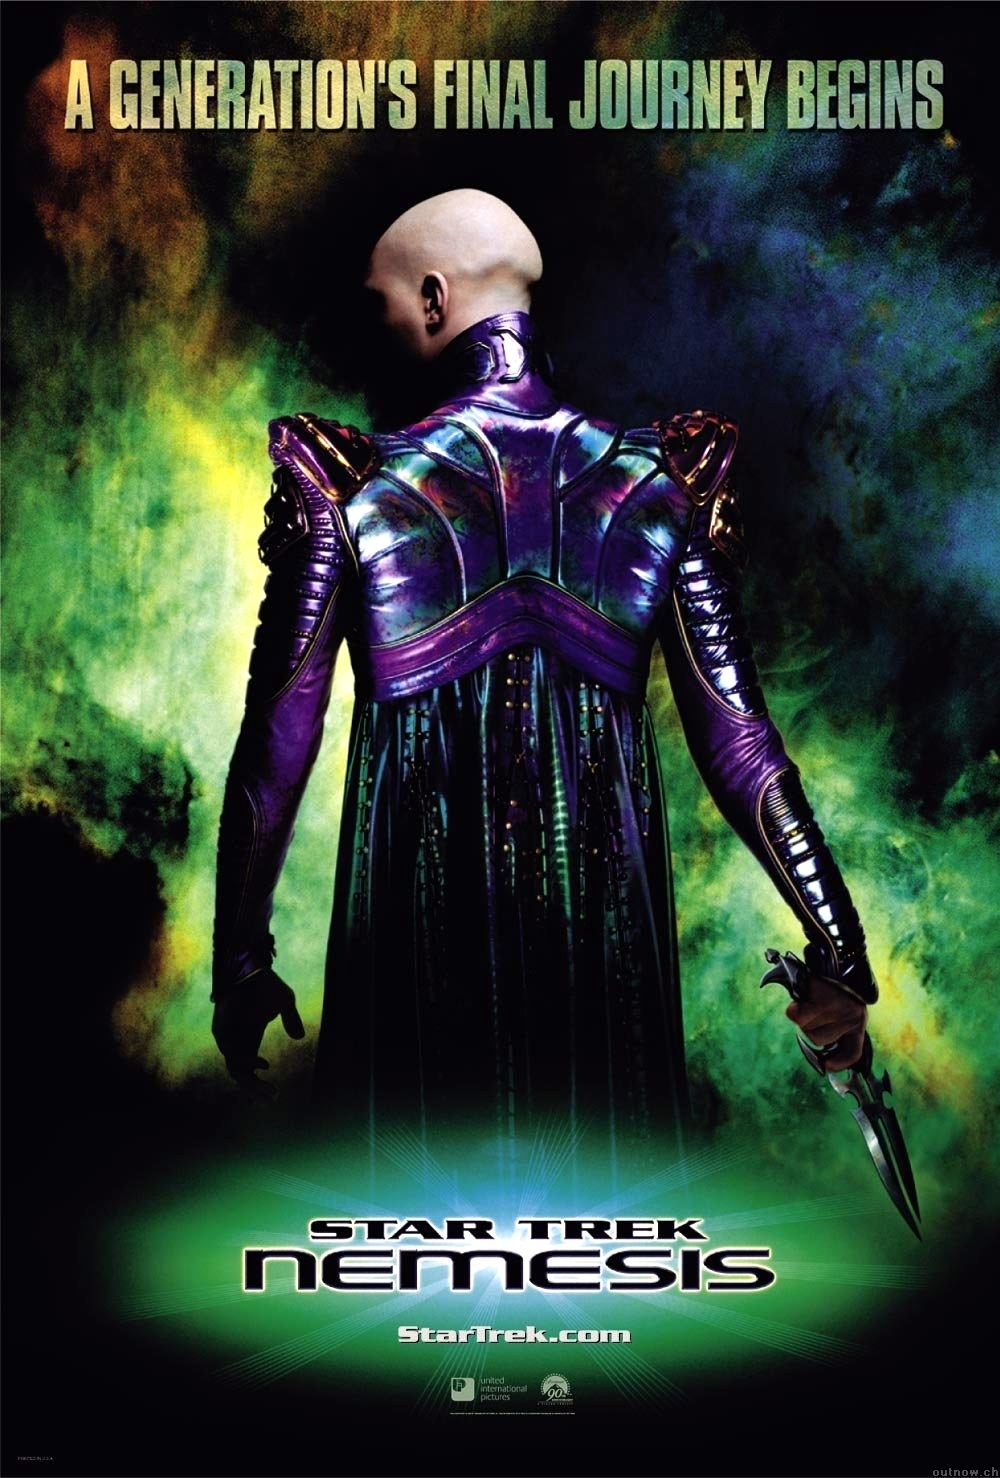 Star trek search for spock poster